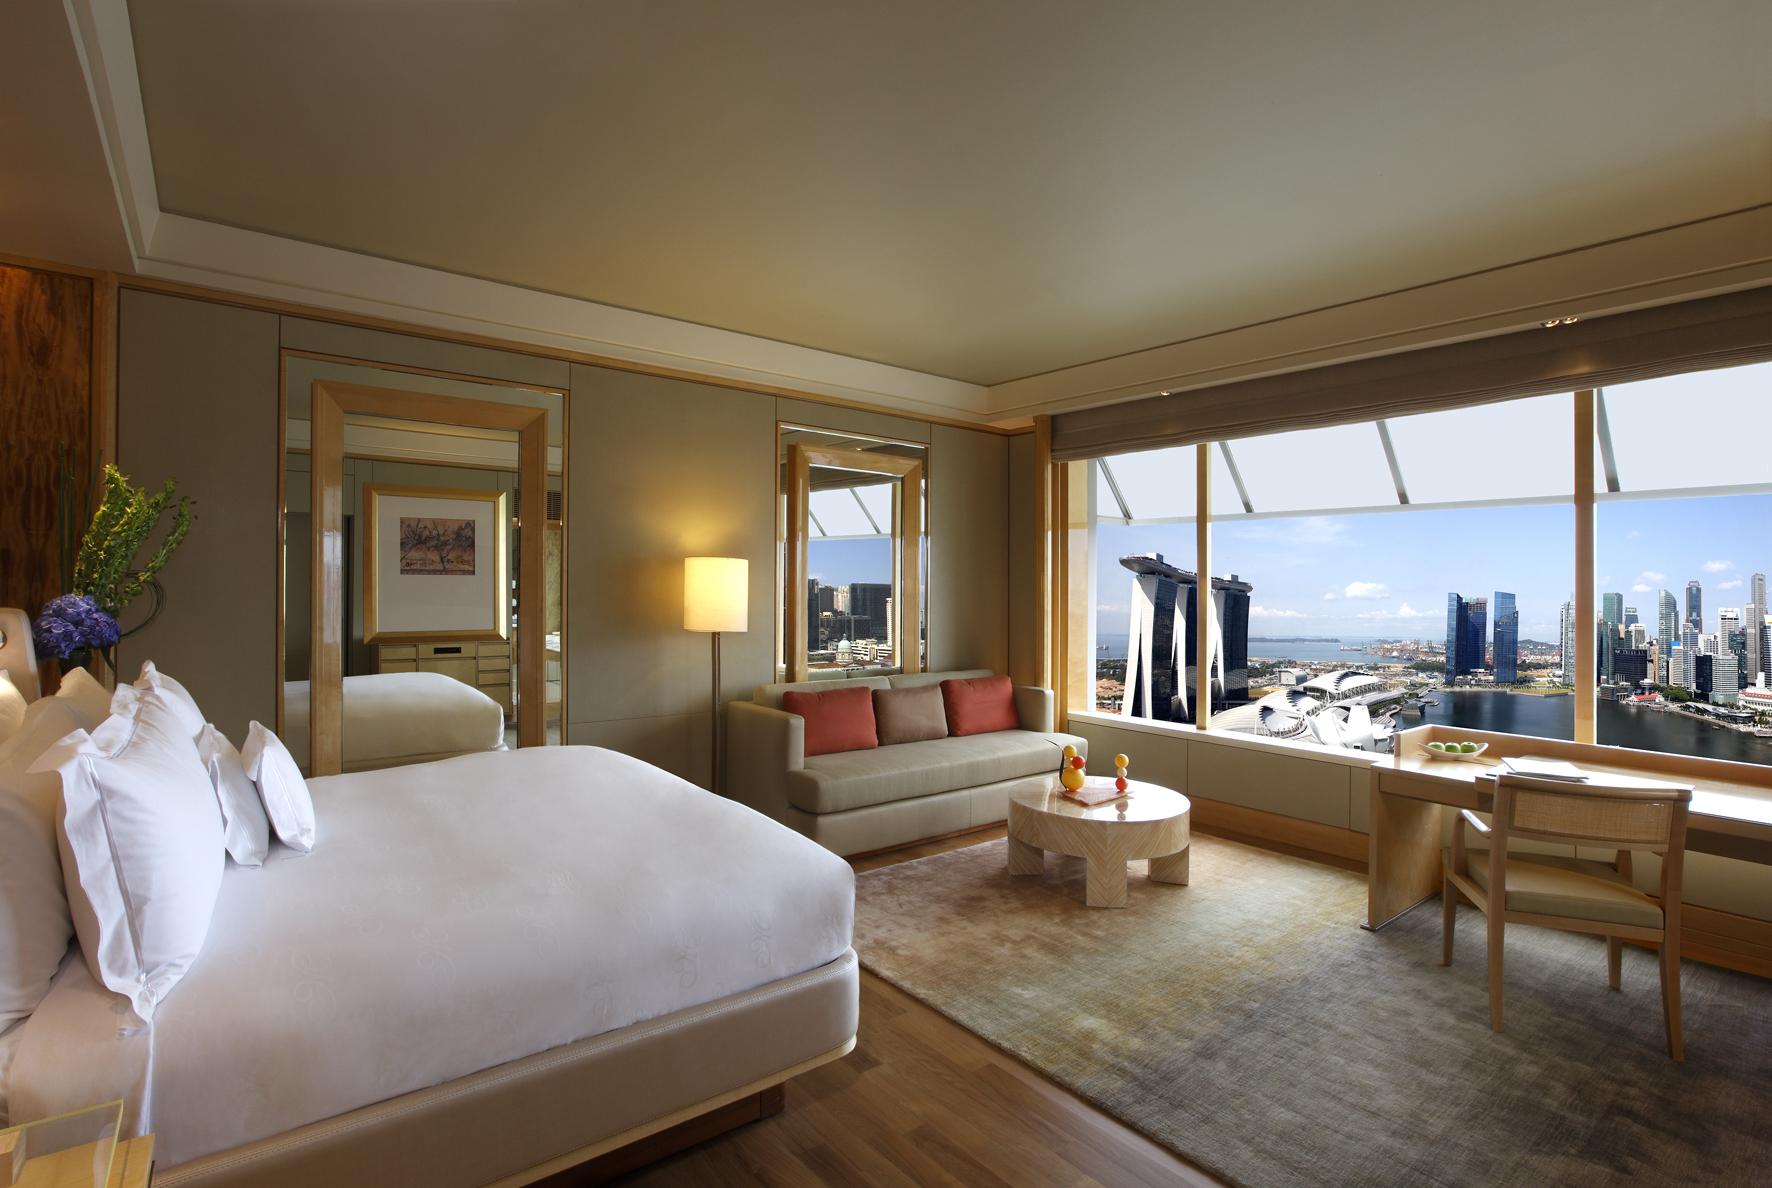 Ritz Carlton Room Decor Orlando So Basic